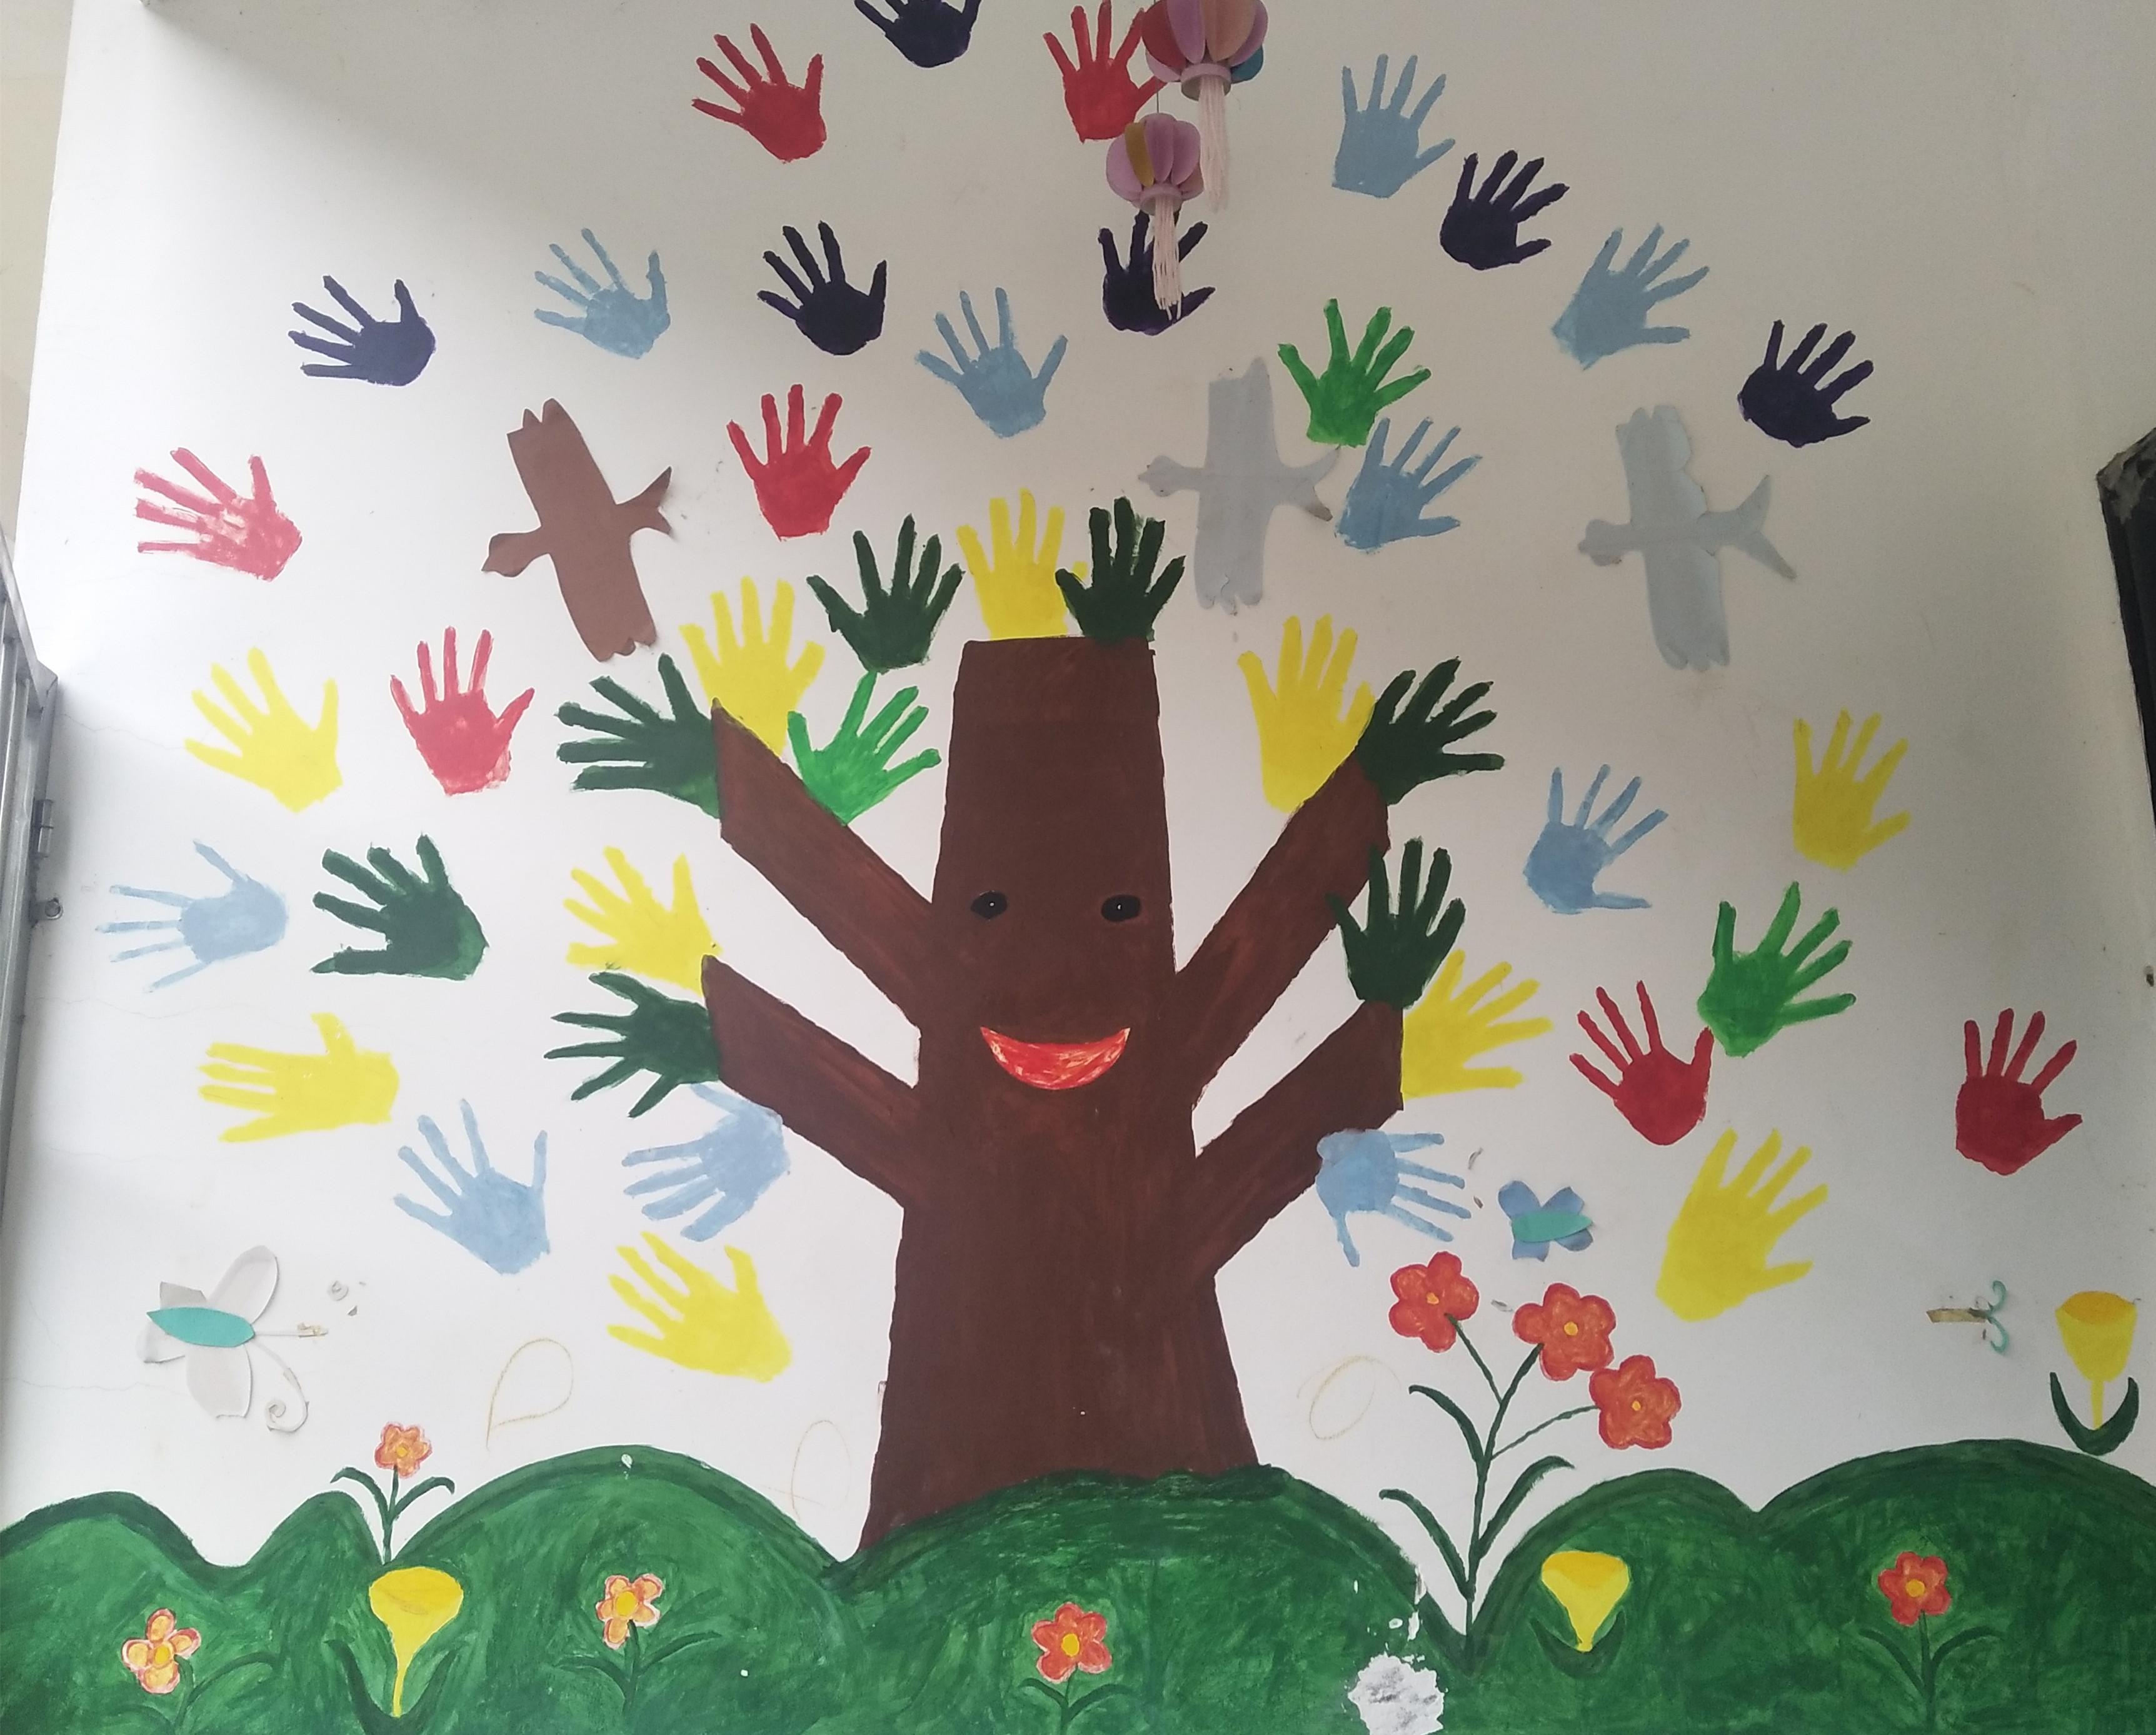 这就是农村幼儿园老师们动手做出的环境创设!